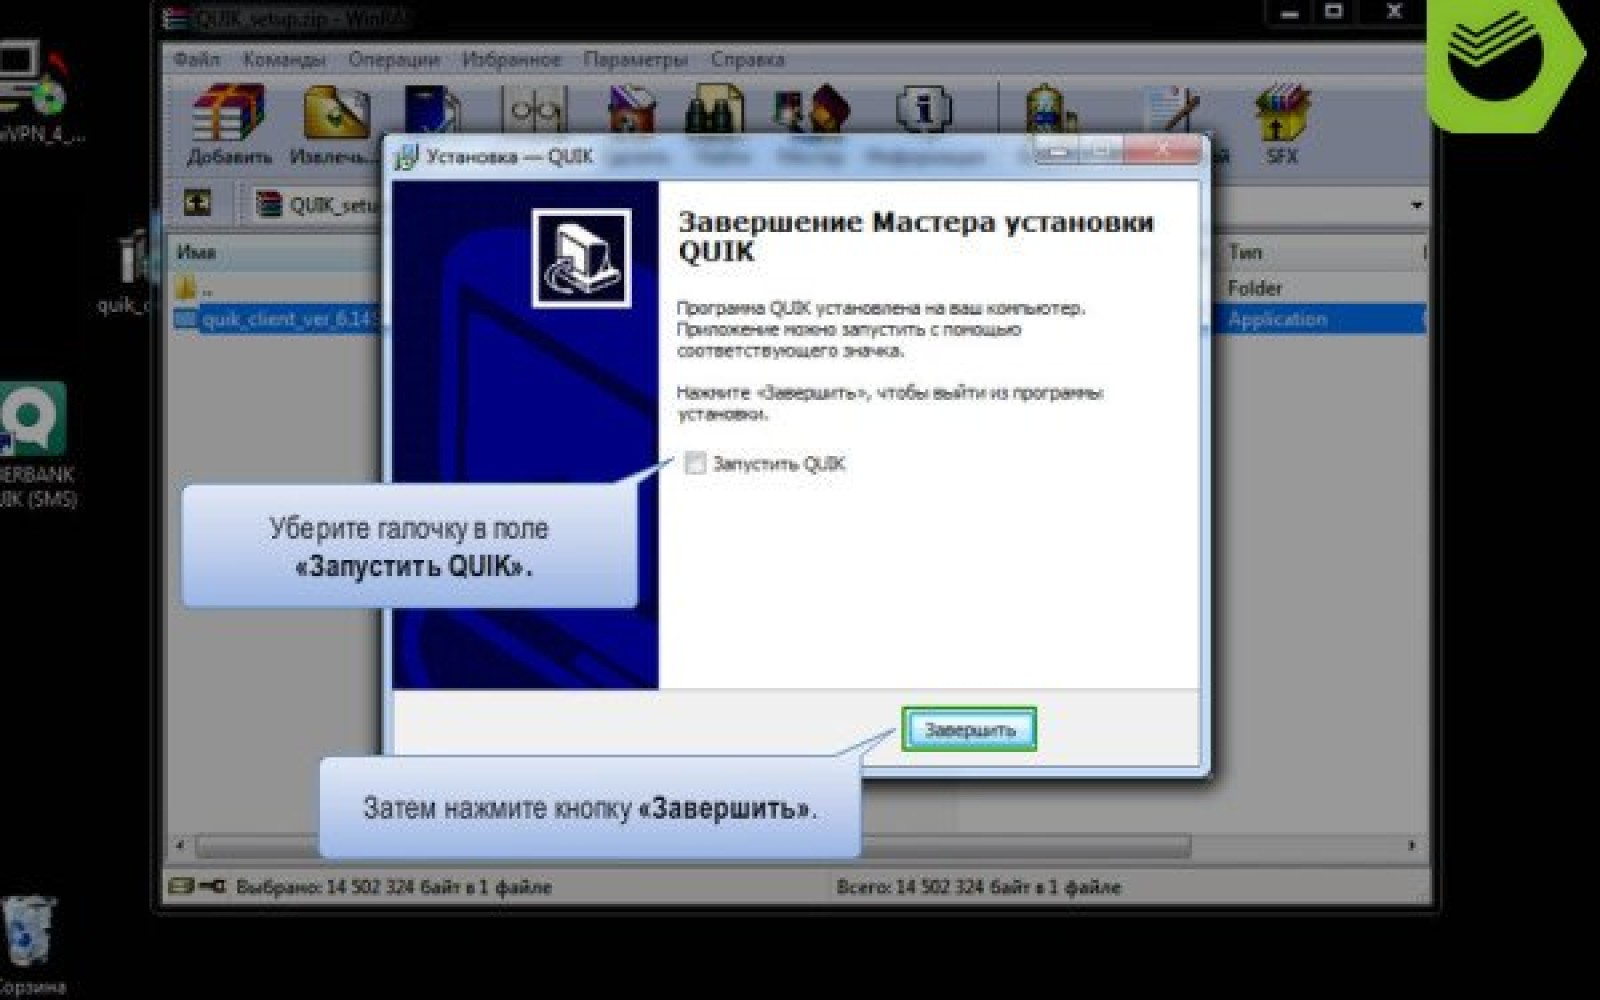 Купить акции Газпрома физическому лицу в Сбербанке18